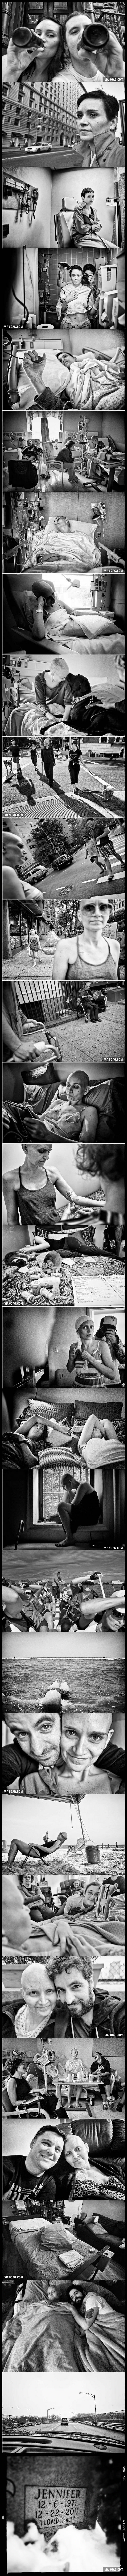 Emouvant: il photographie le combat de sa femme contre le cancer